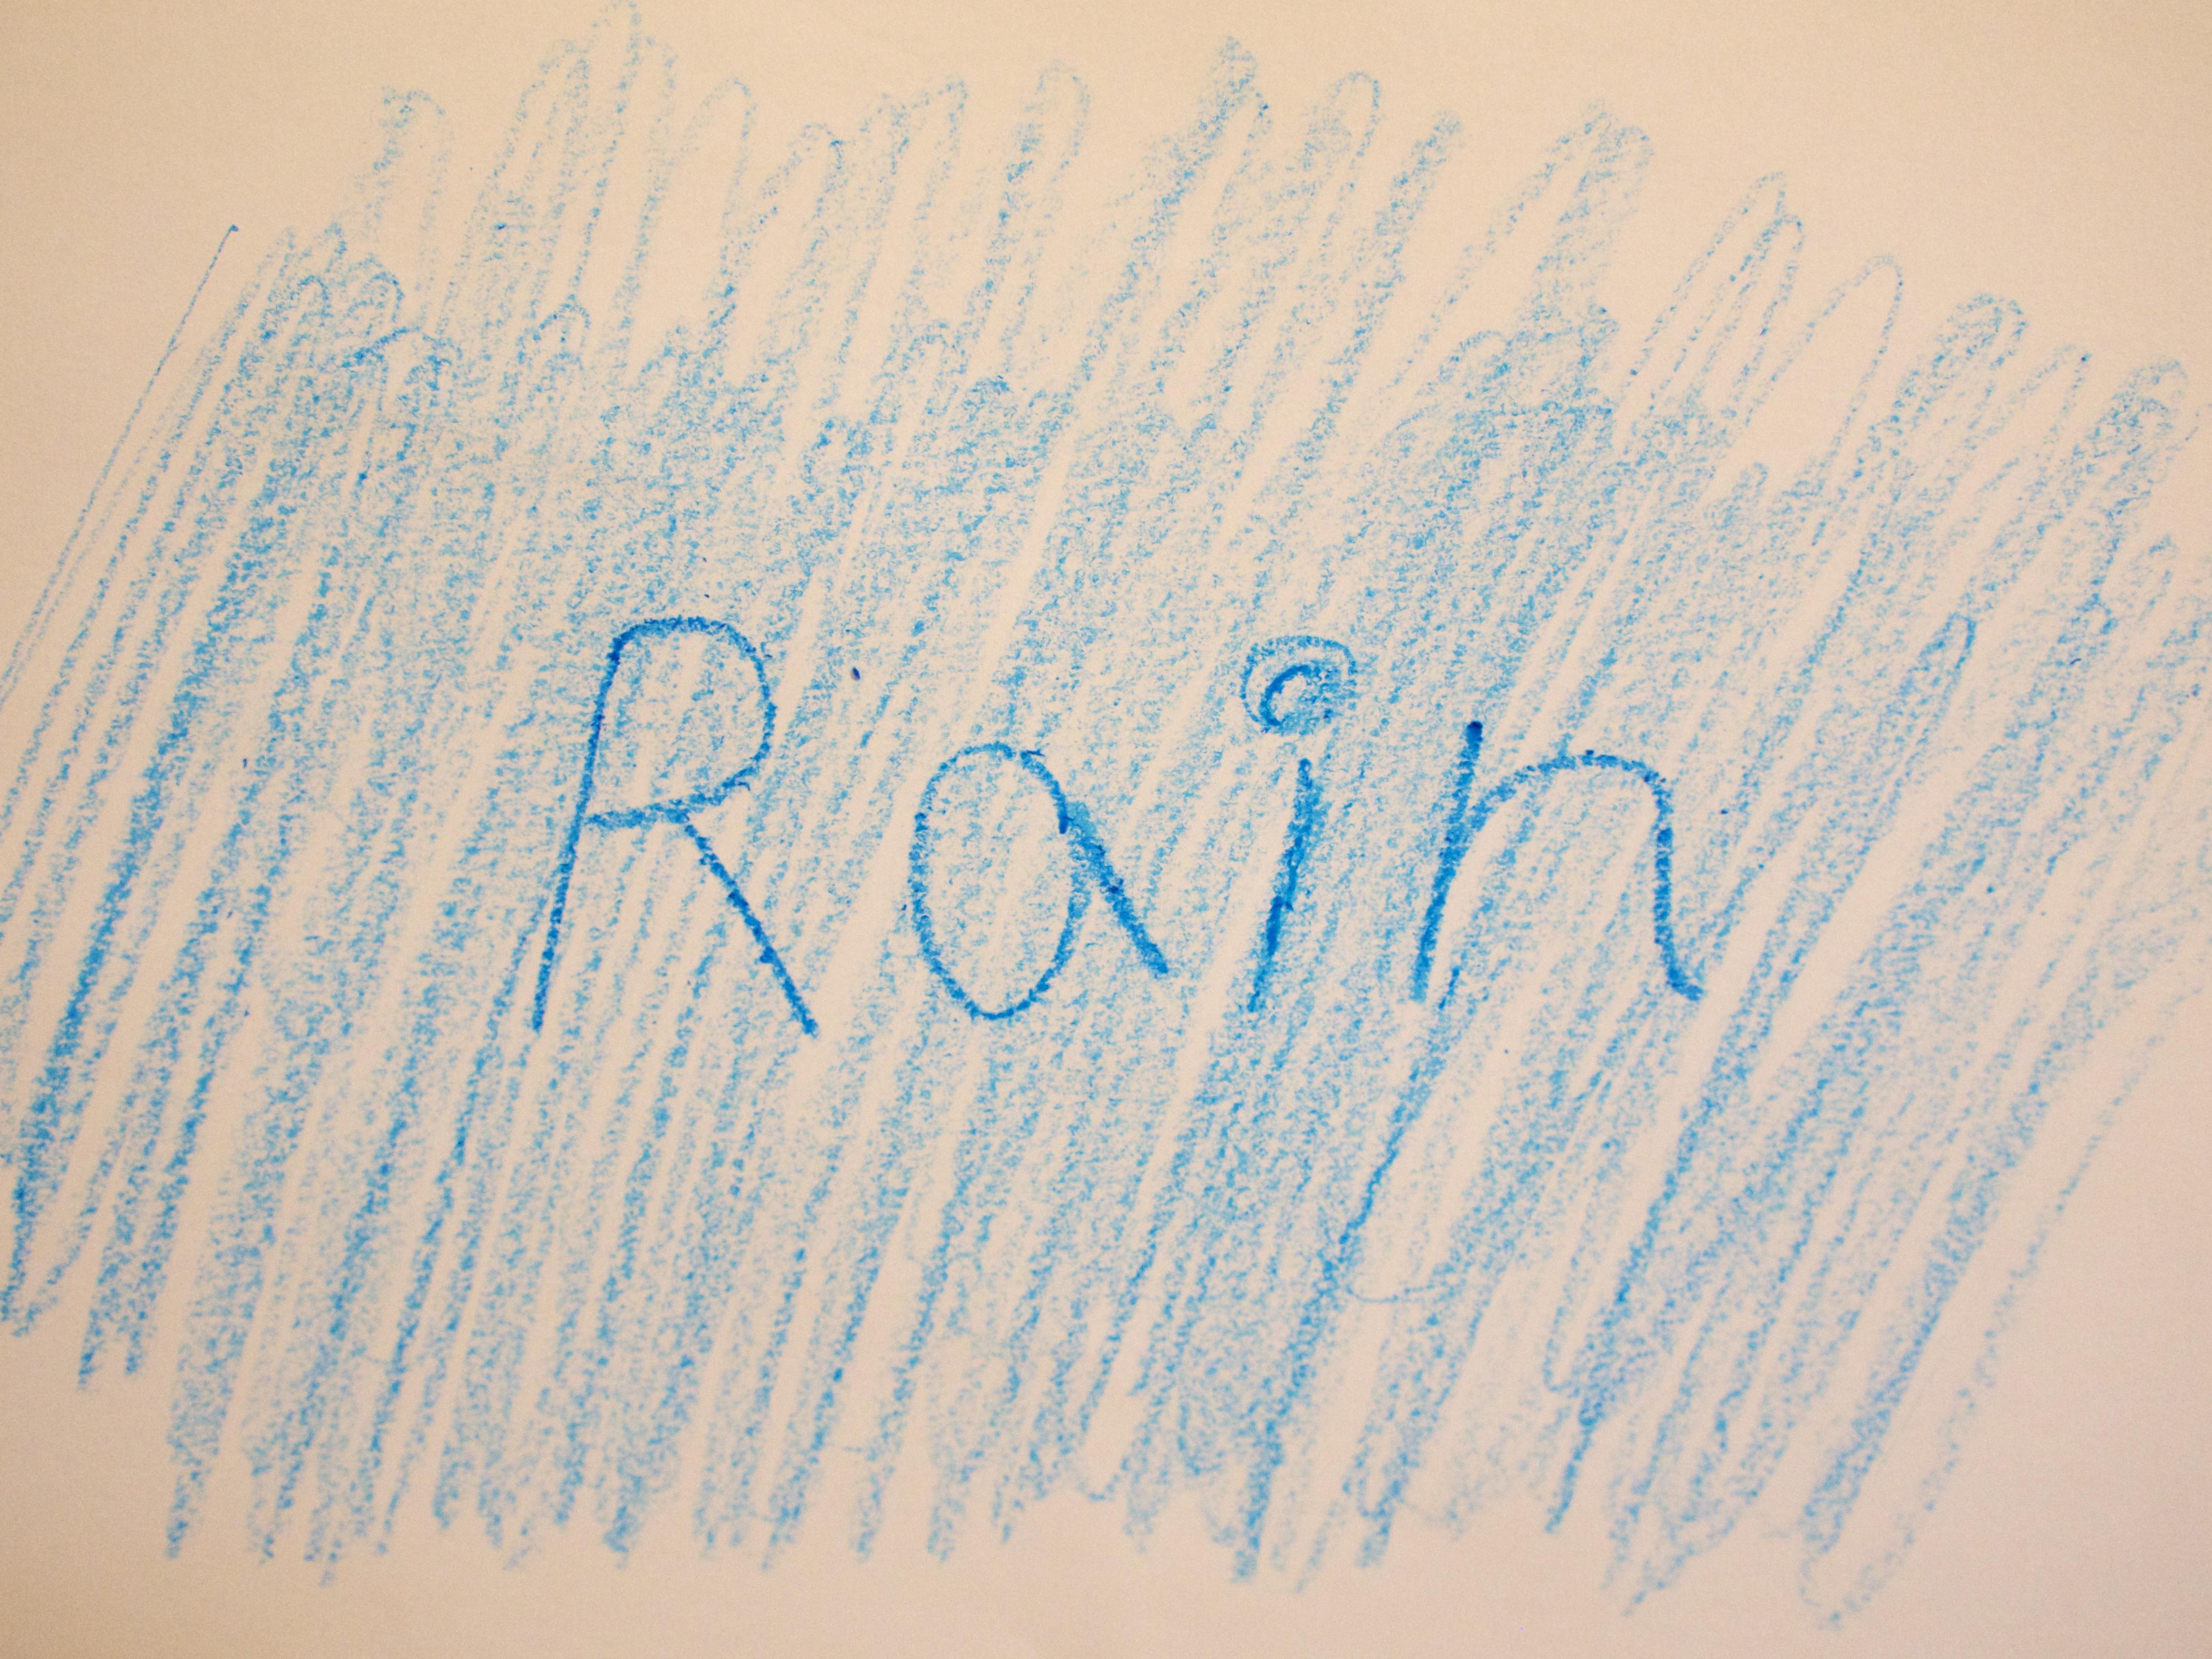 雨の日に聴きたい音楽